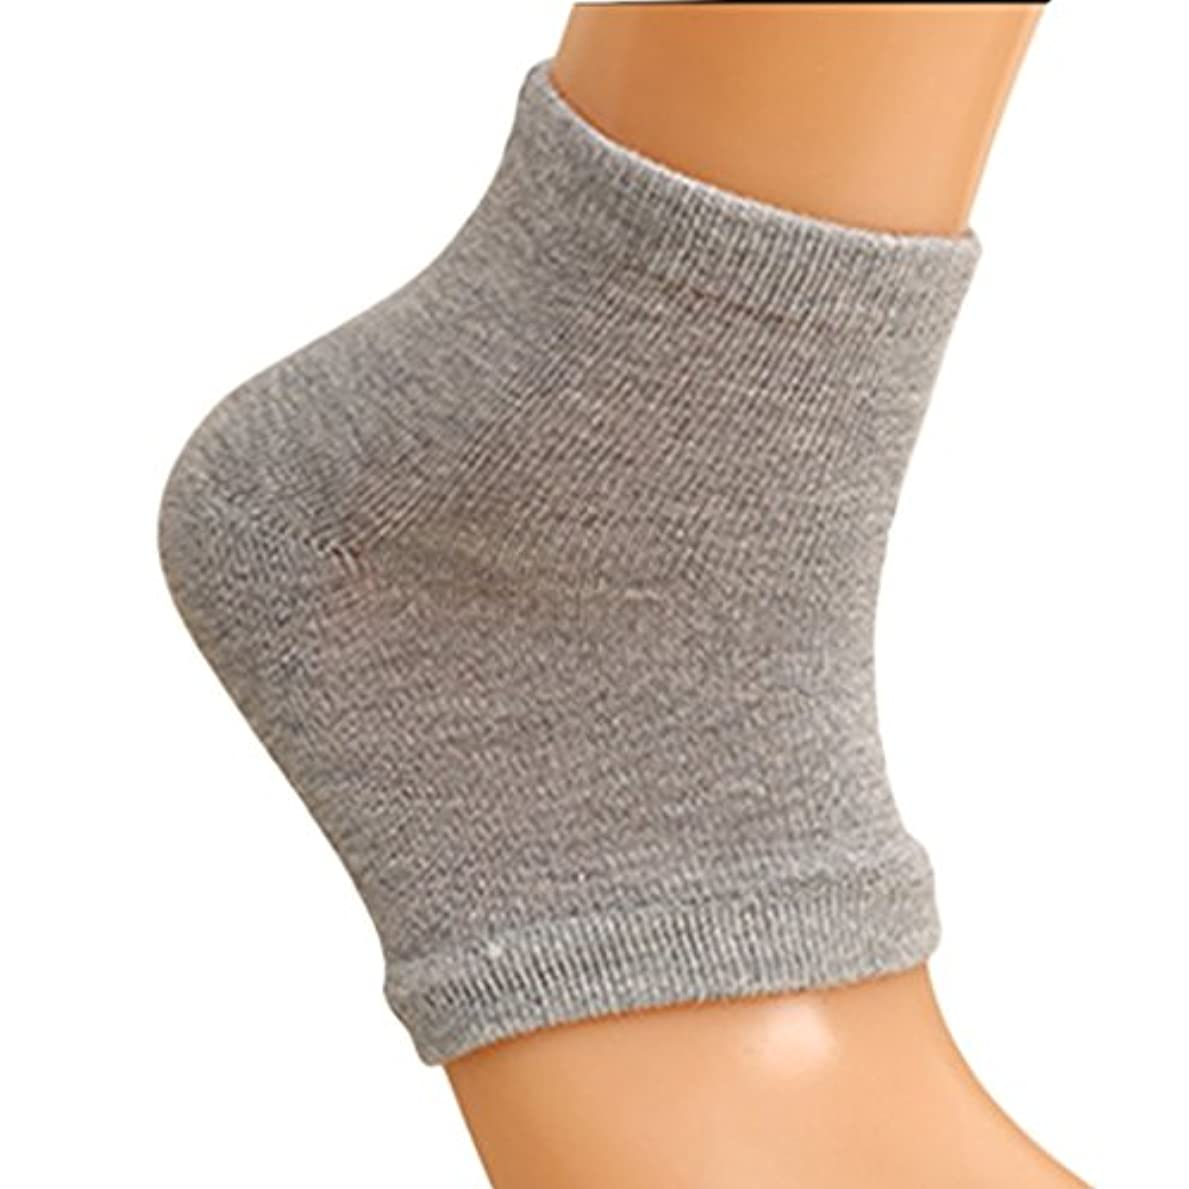 みがきます西貸し手Xiton 靴下 ソックス レディース メンズ 靴下 つるつる 靴下 フットケア かかとケア ひび 角質ケア 保湿 角質除去(2足セット グレー)